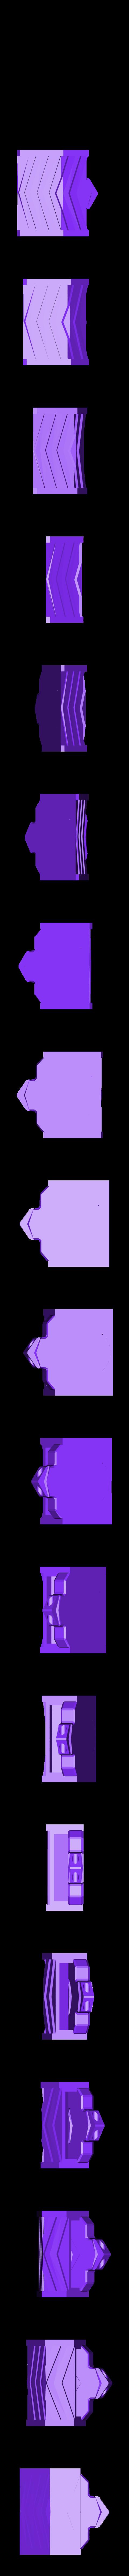 belt_keychain_underground_down.stl Download free STL file Factorio Belt Keychain • 3D print template, Petethelich